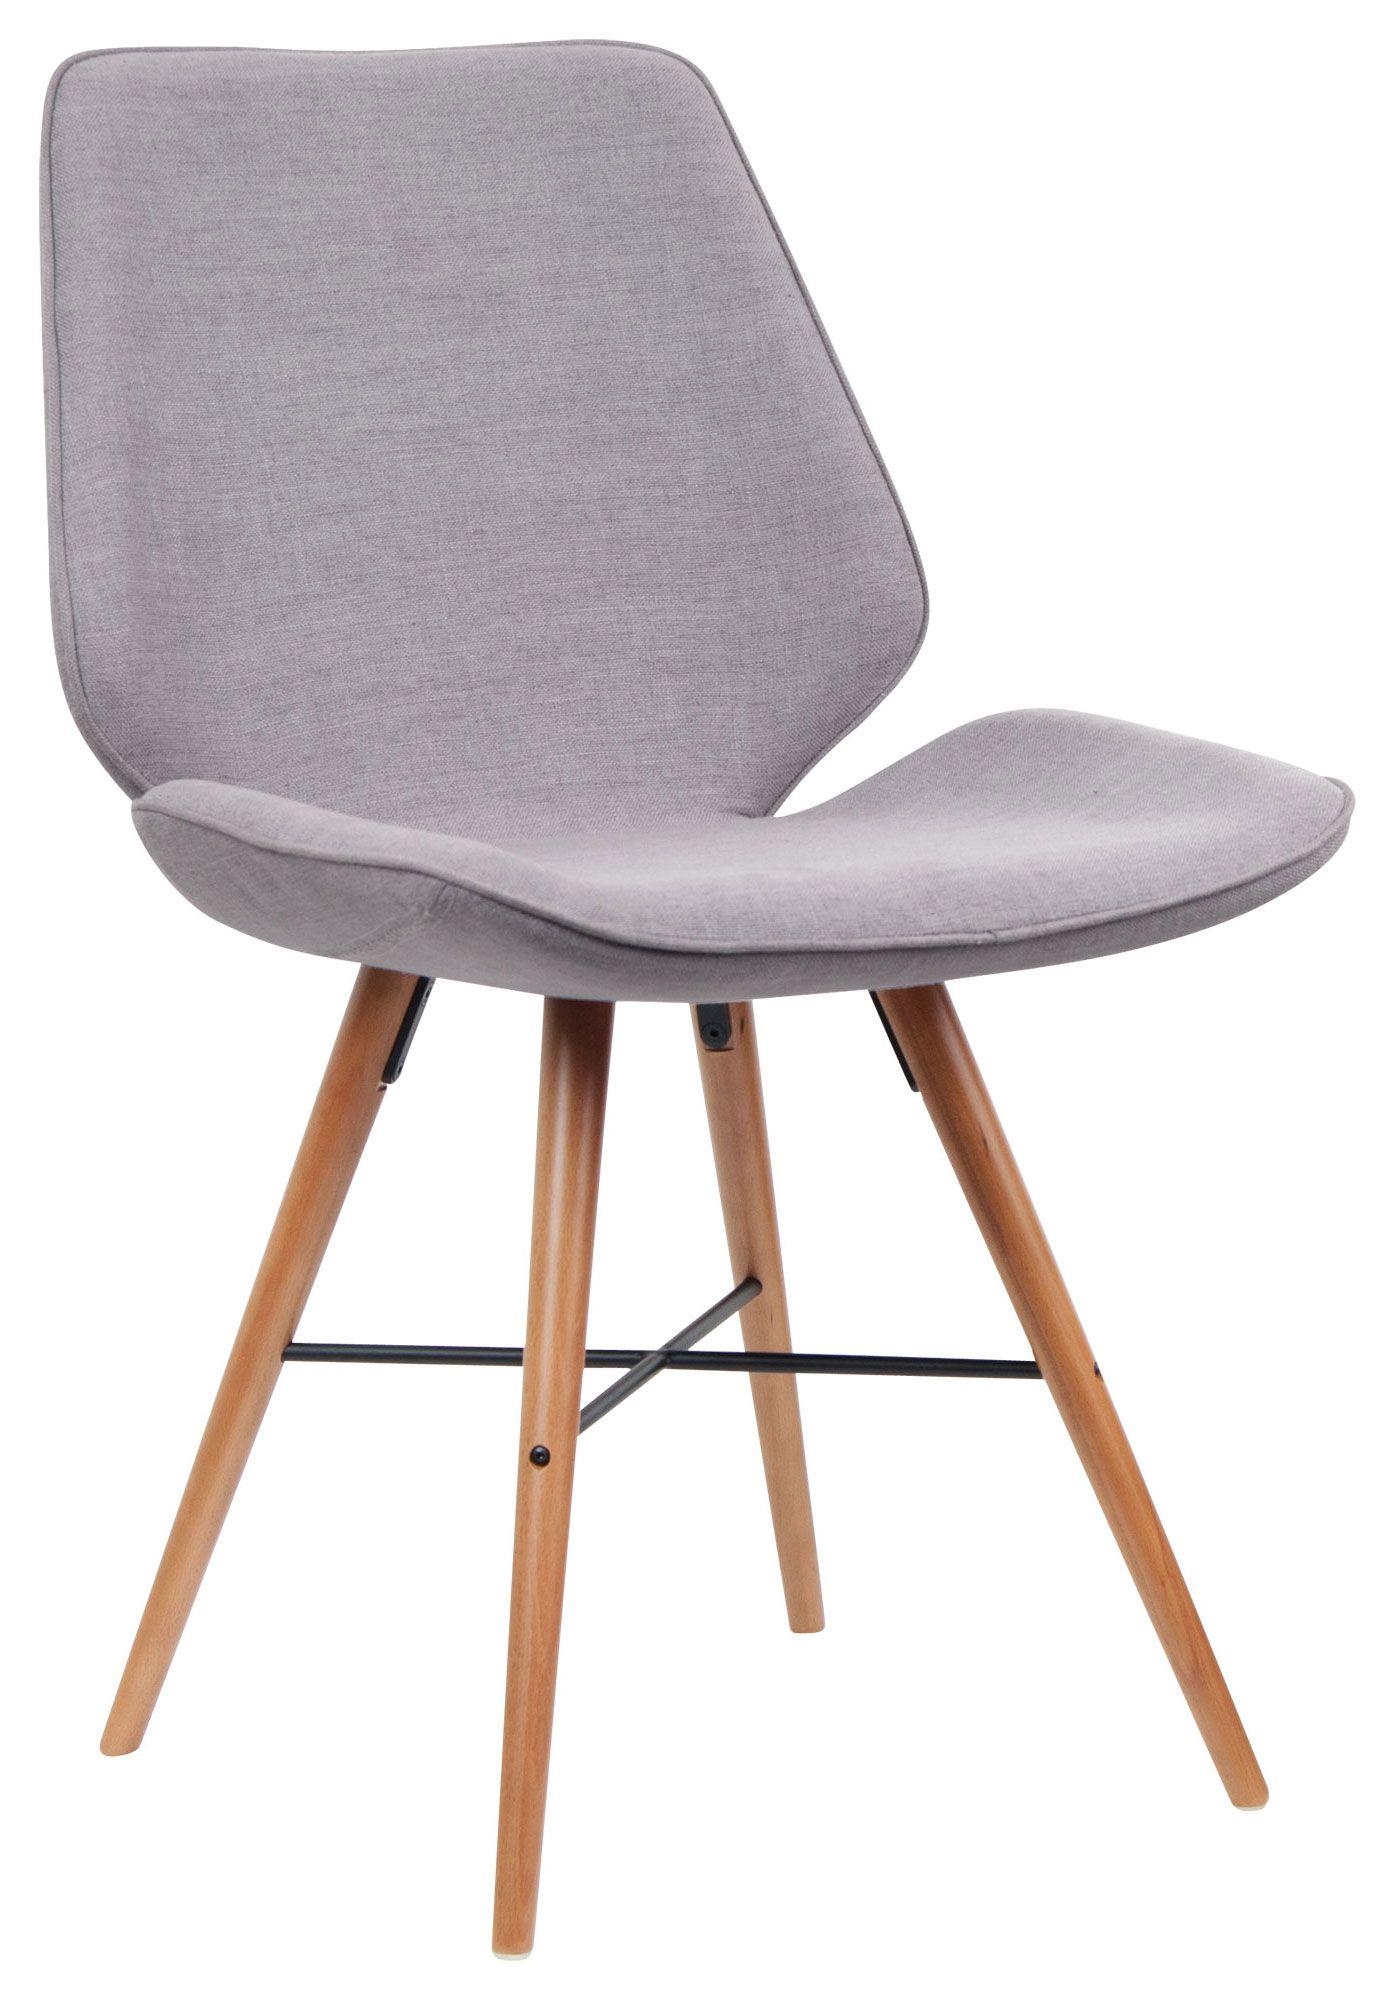 f r vollansicht klicken diningroom st hle k che. Black Bedroom Furniture Sets. Home Design Ideas